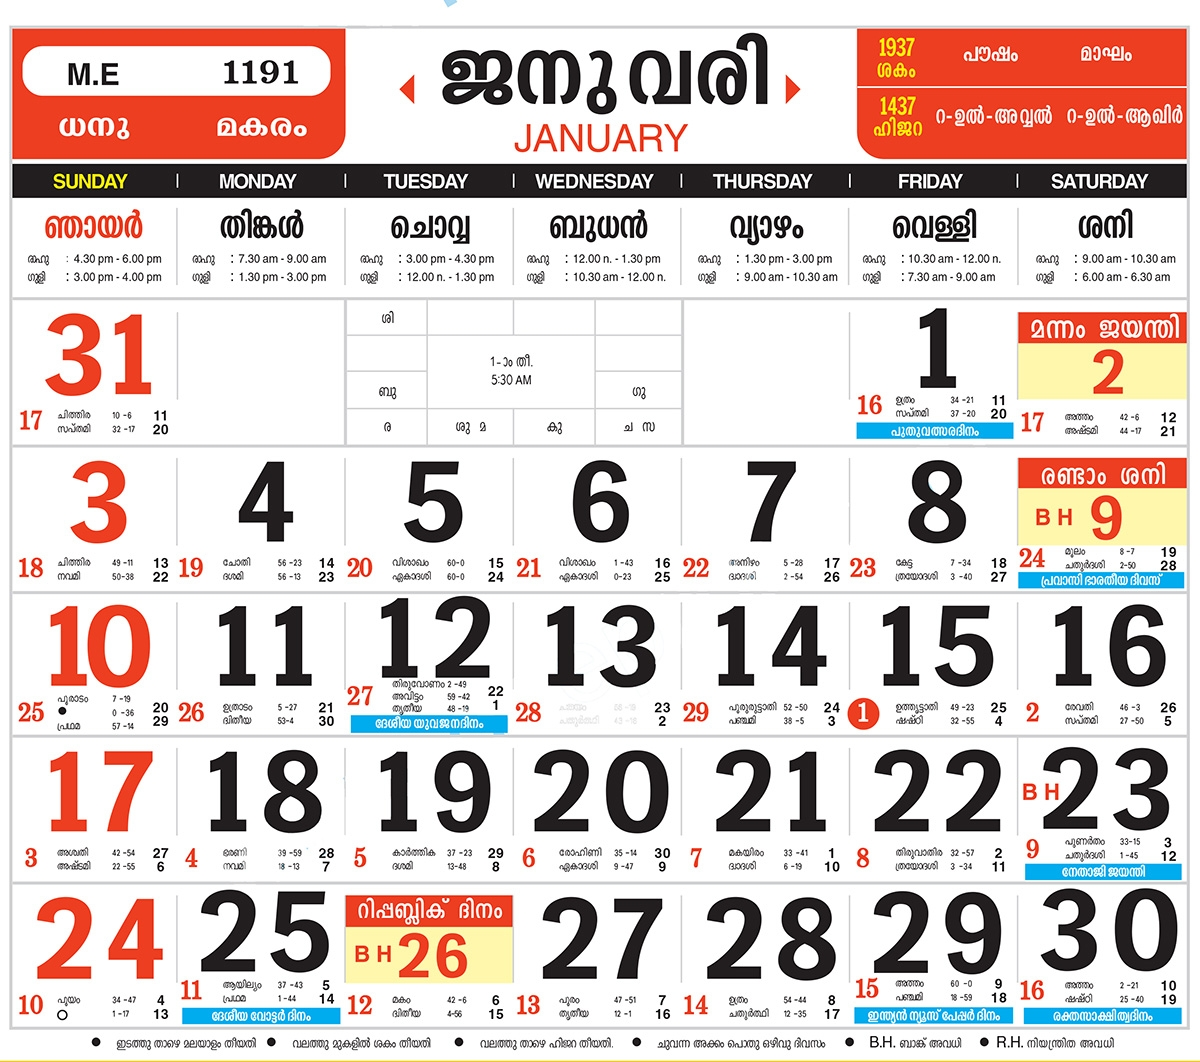 Calendar 2017 With Malayalam Dates Calendar Template 2017